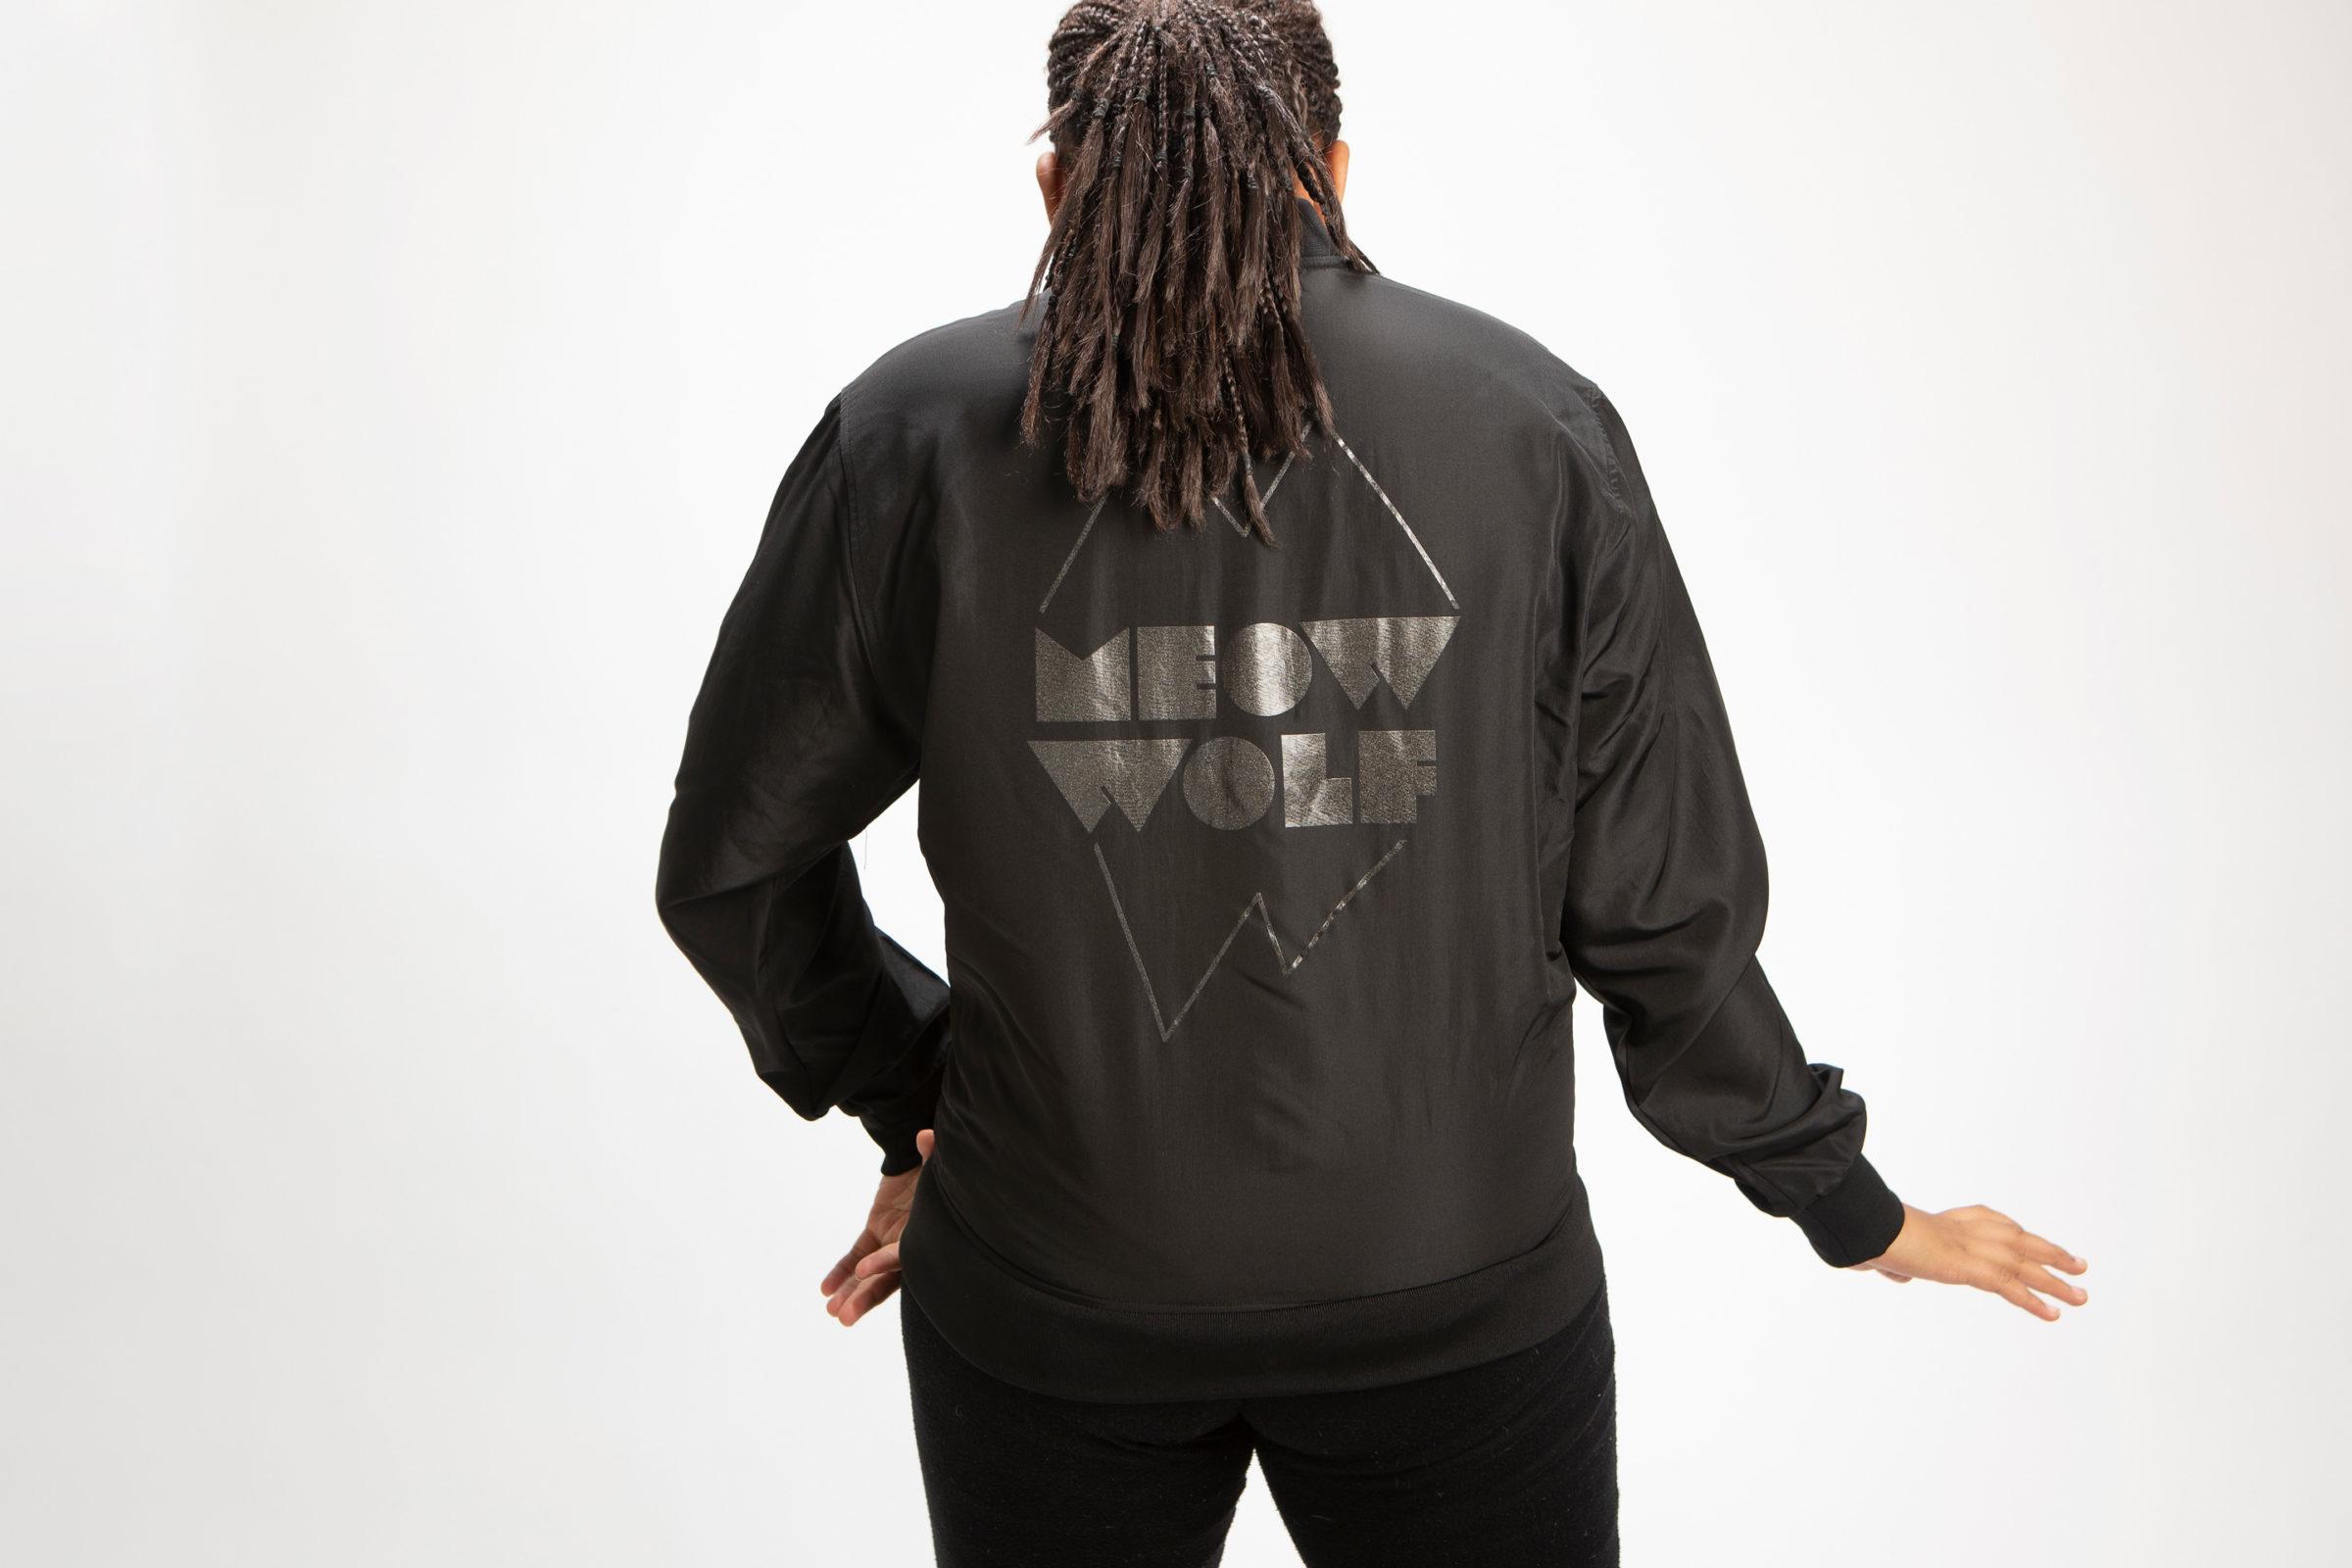 The Meow Wolf windbreaker jacket